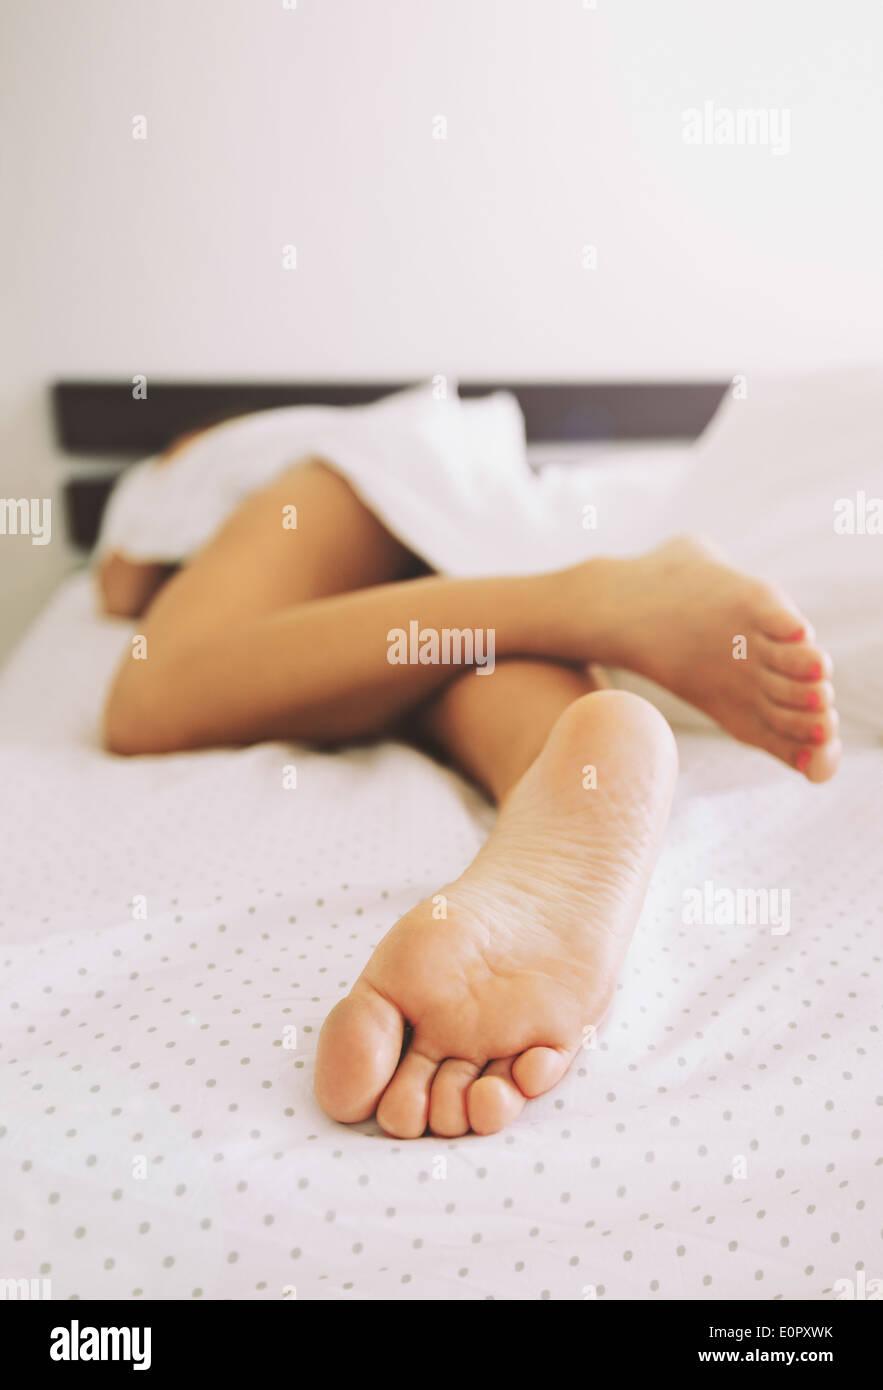 Nackten Beine einer jungen Frau in ihrem Bett zu Hause schlafen. Konzentrieren Sie sich auf die Beine. Stockbild